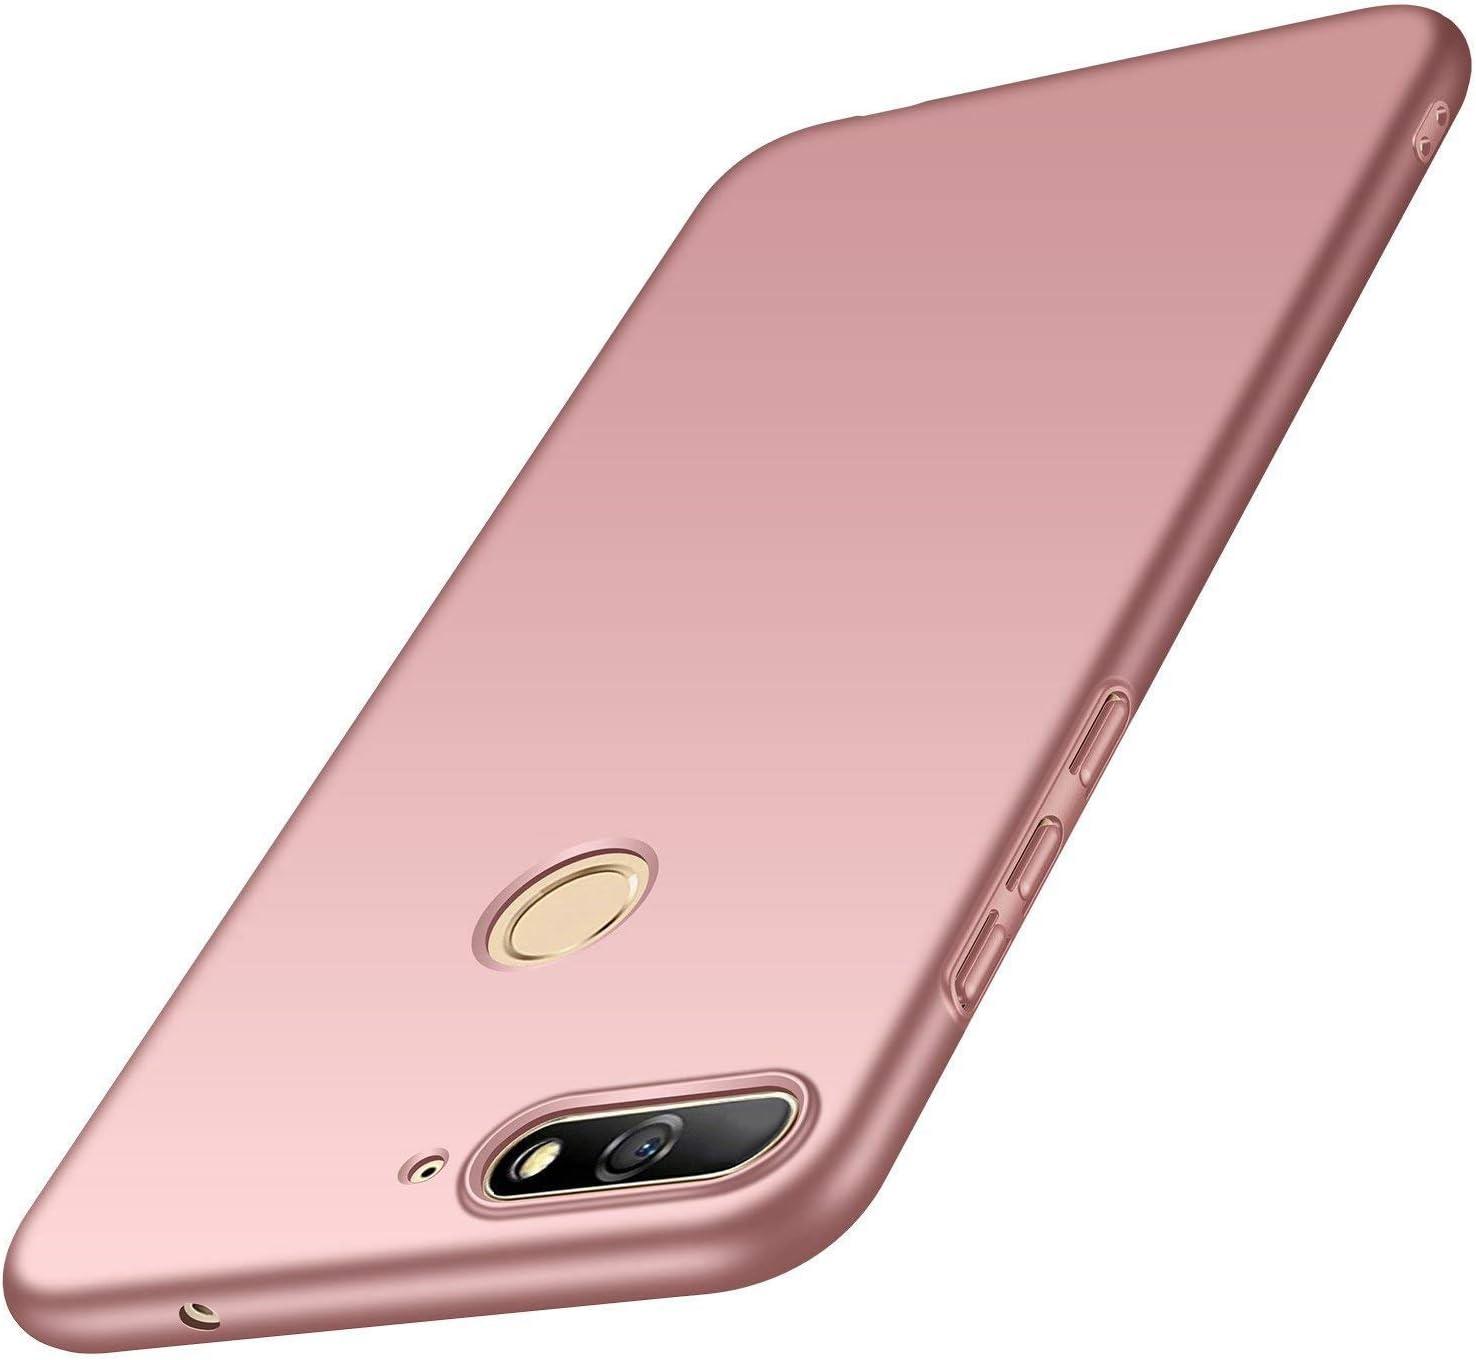 AOBOK Funda Huawei Honor 7A, Ultra Slim Anti-Rasguño y Resistente ...